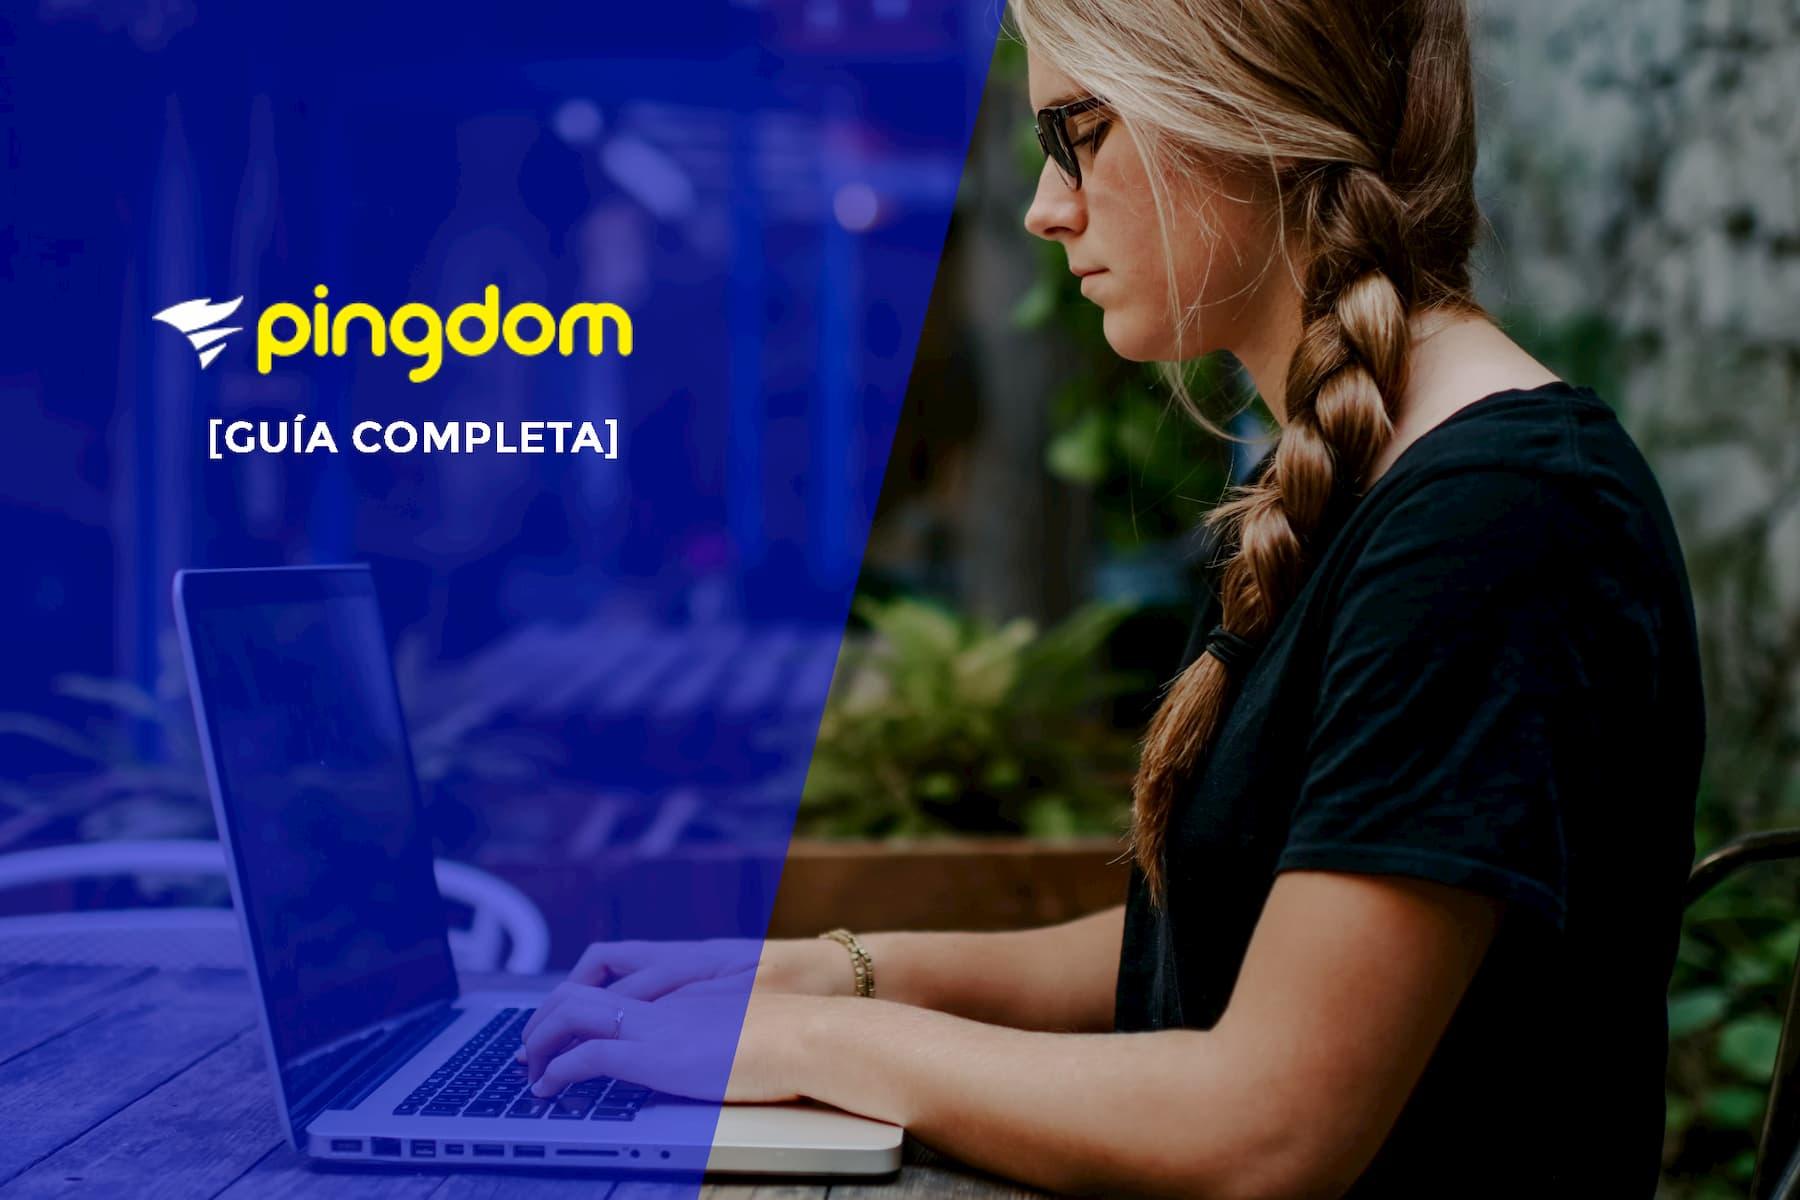 Completa Guía de Pingdom, herramienta para medir velocidad de carga de una web